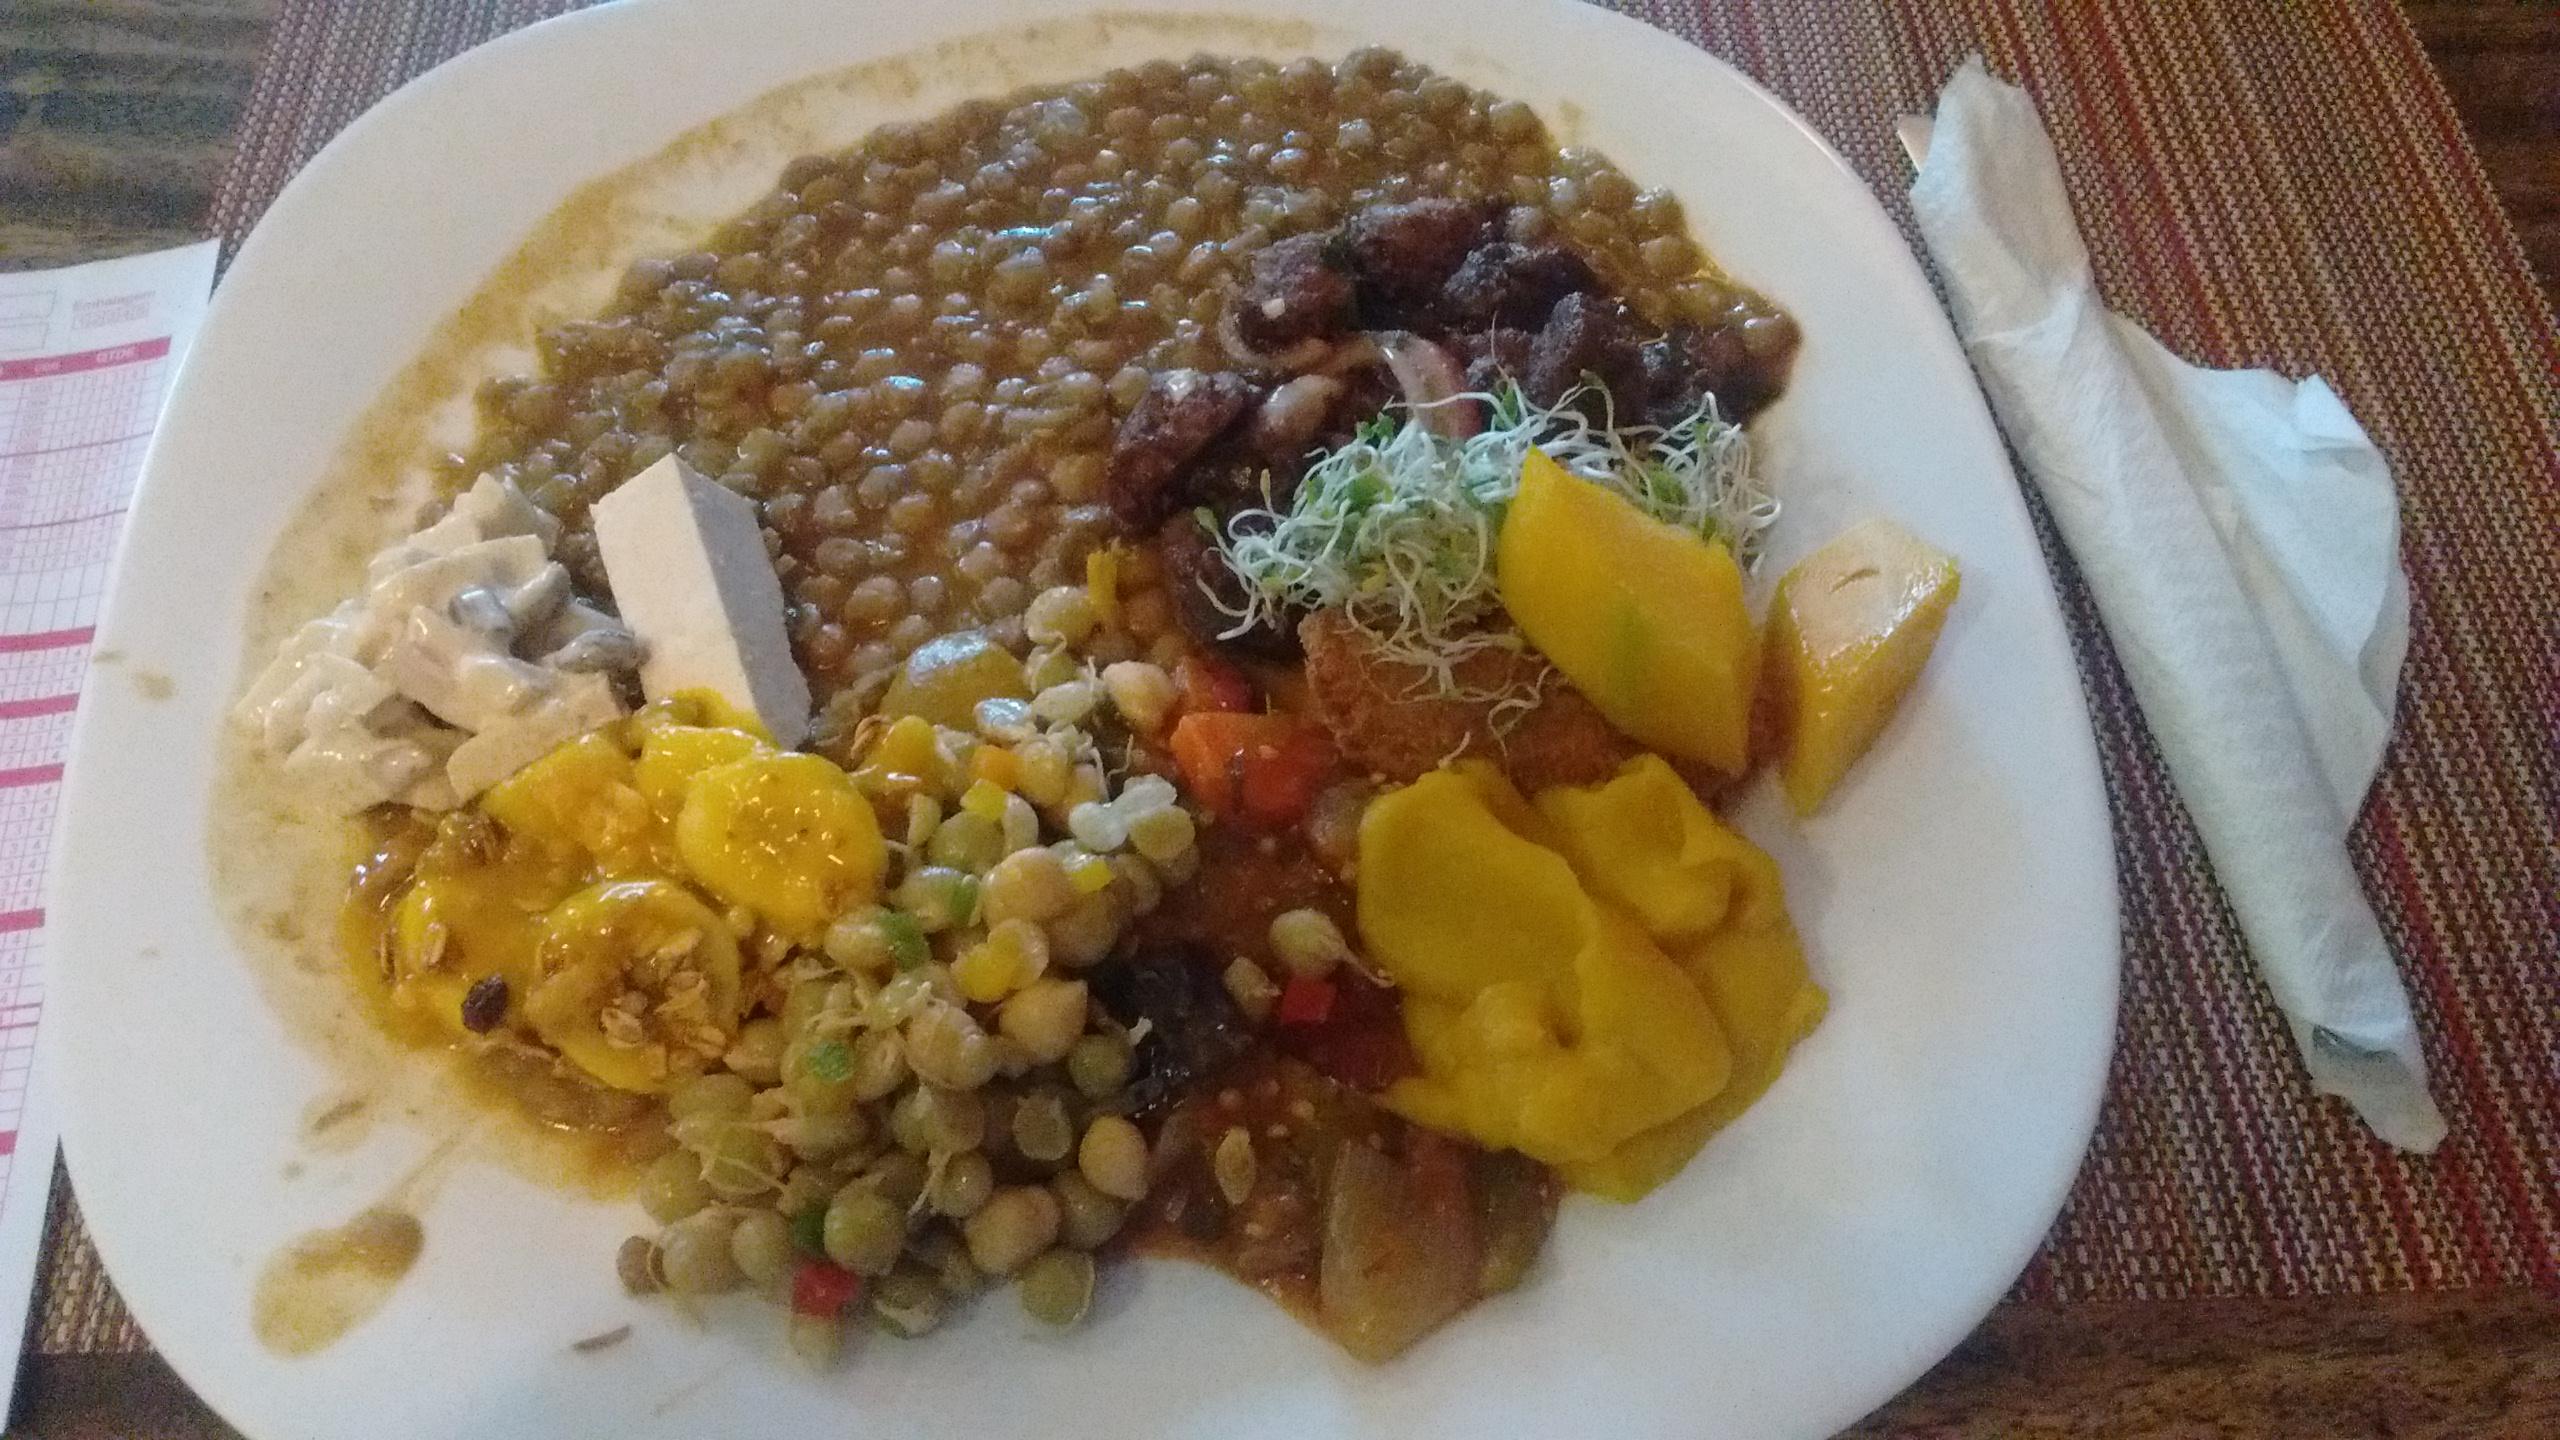 Por Kilo (Per Kg) Vegetarian Plate in Brazil